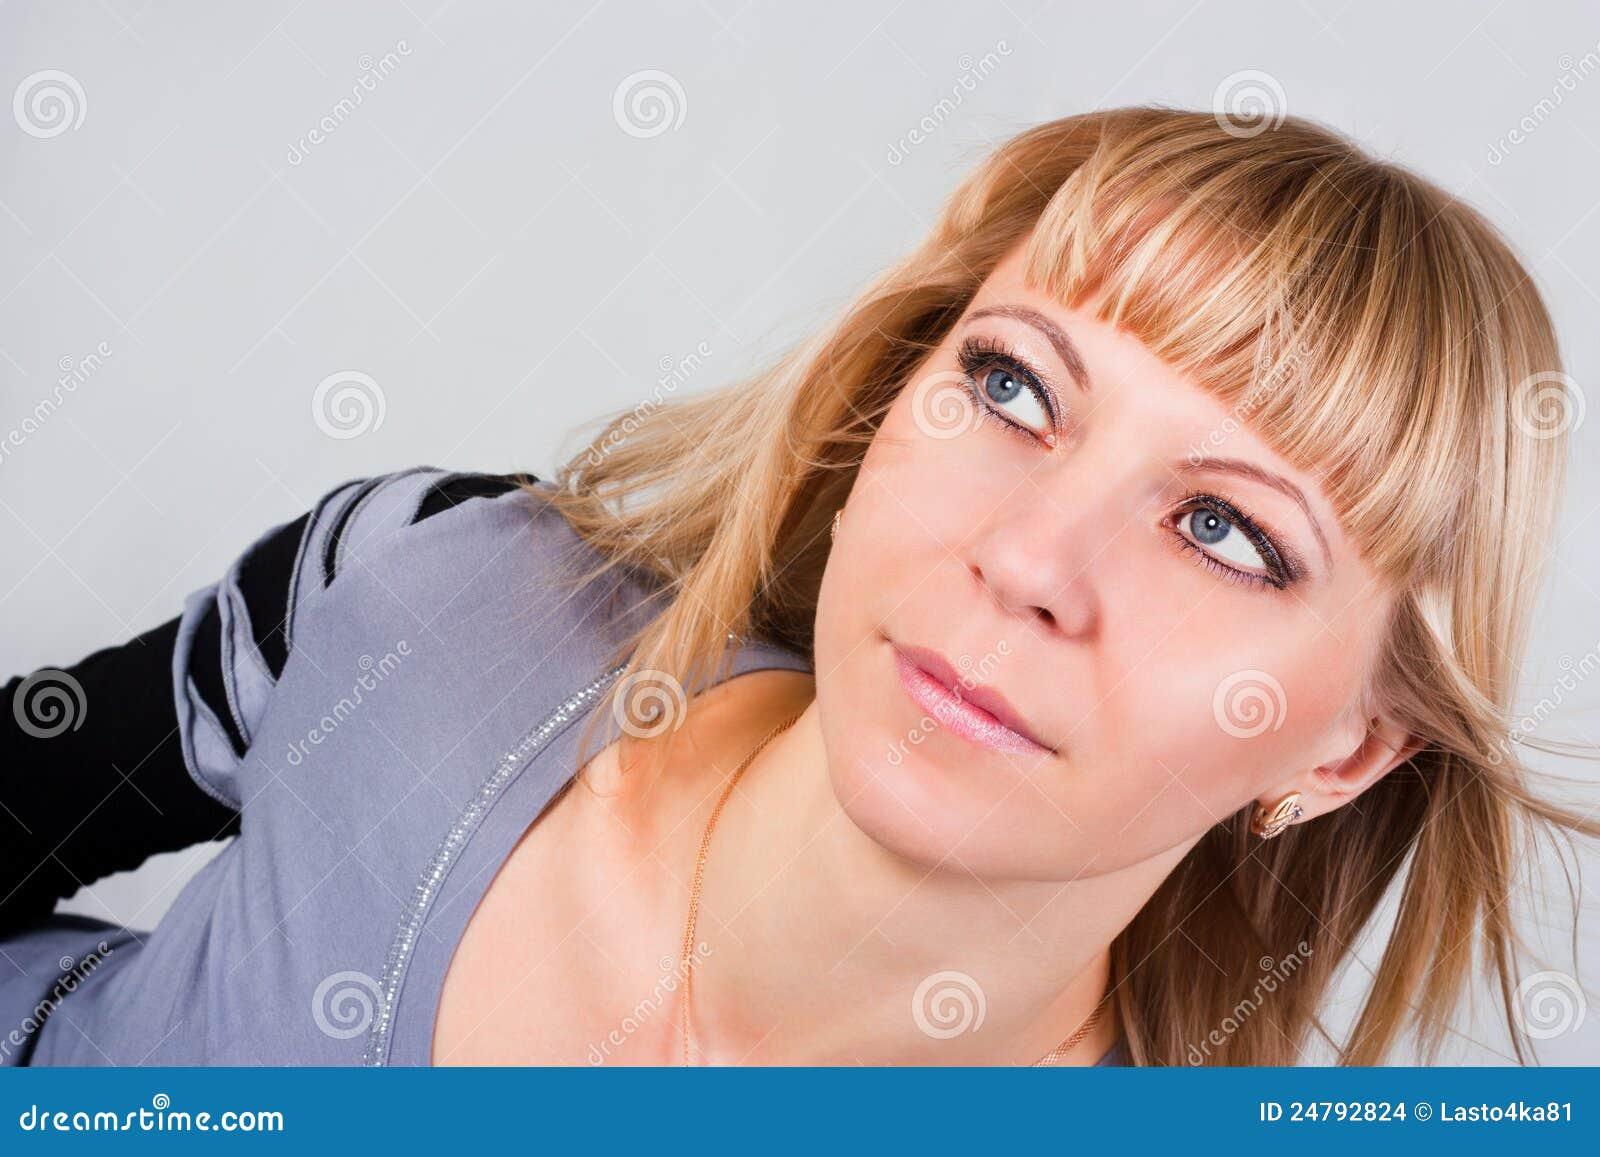 Blue eyed beauty taissia shanti analized